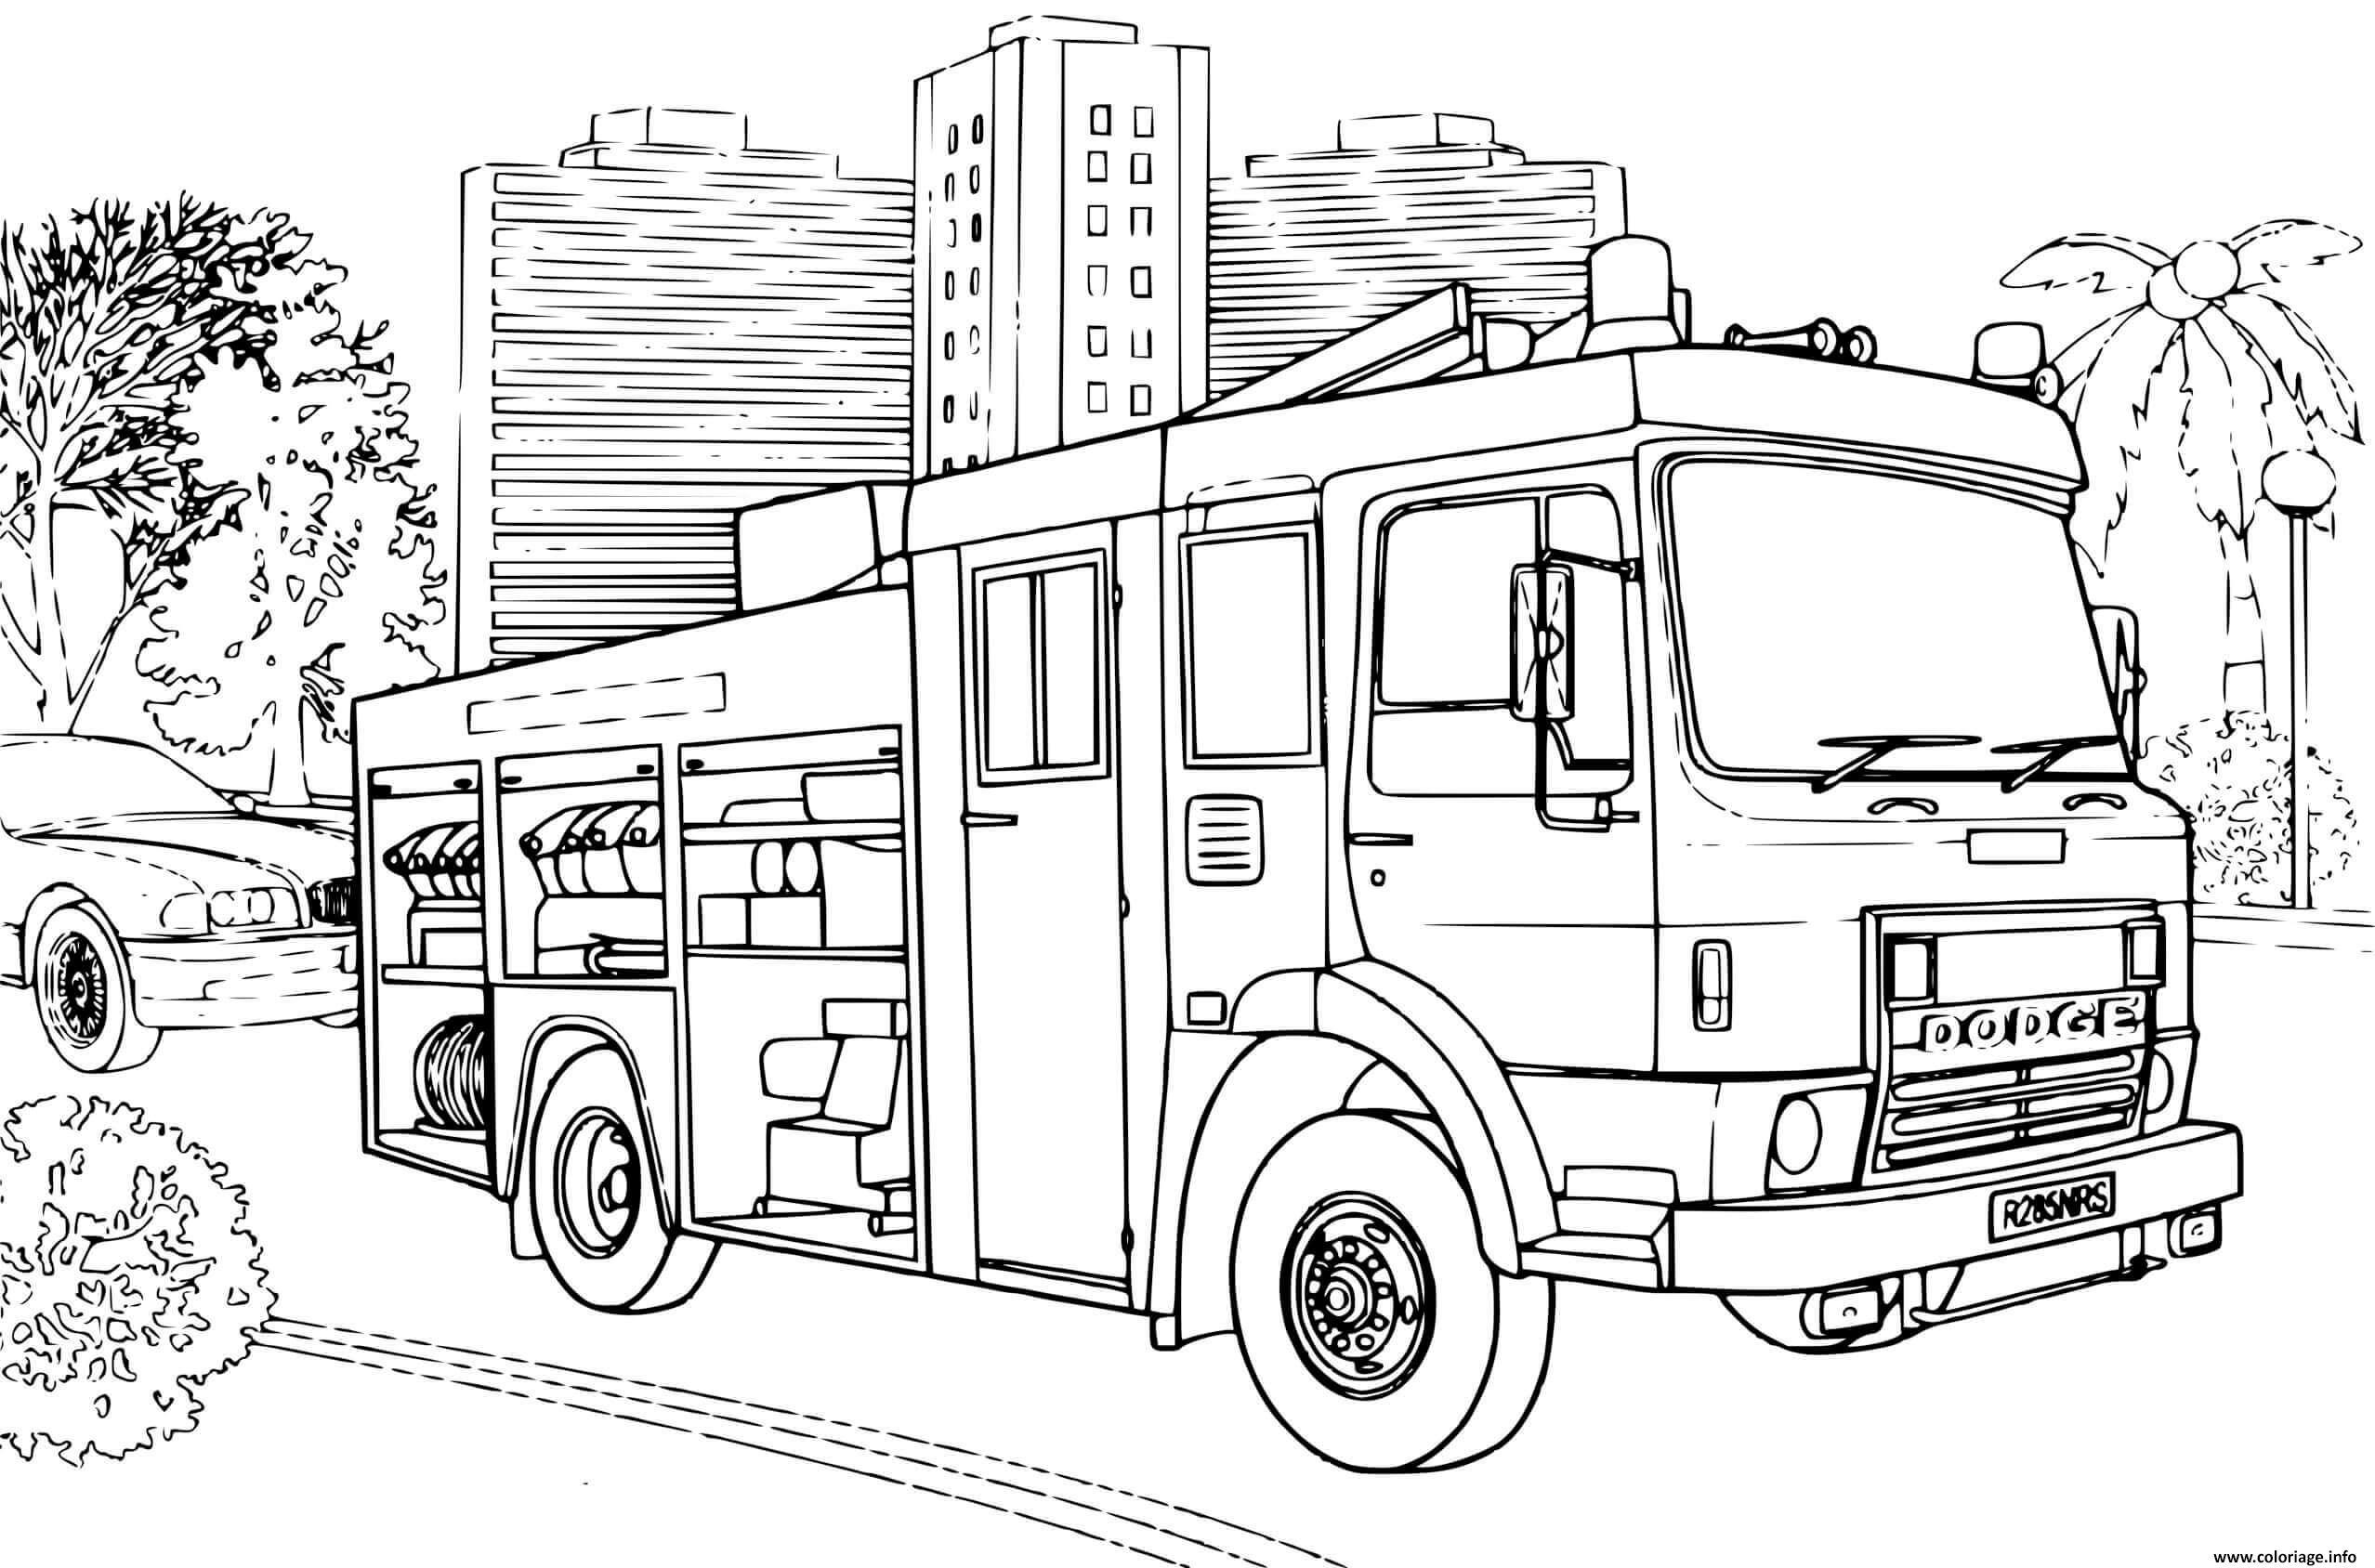 Dessin camion de pompier Dodge Coloriage Gratuit à Imprimer